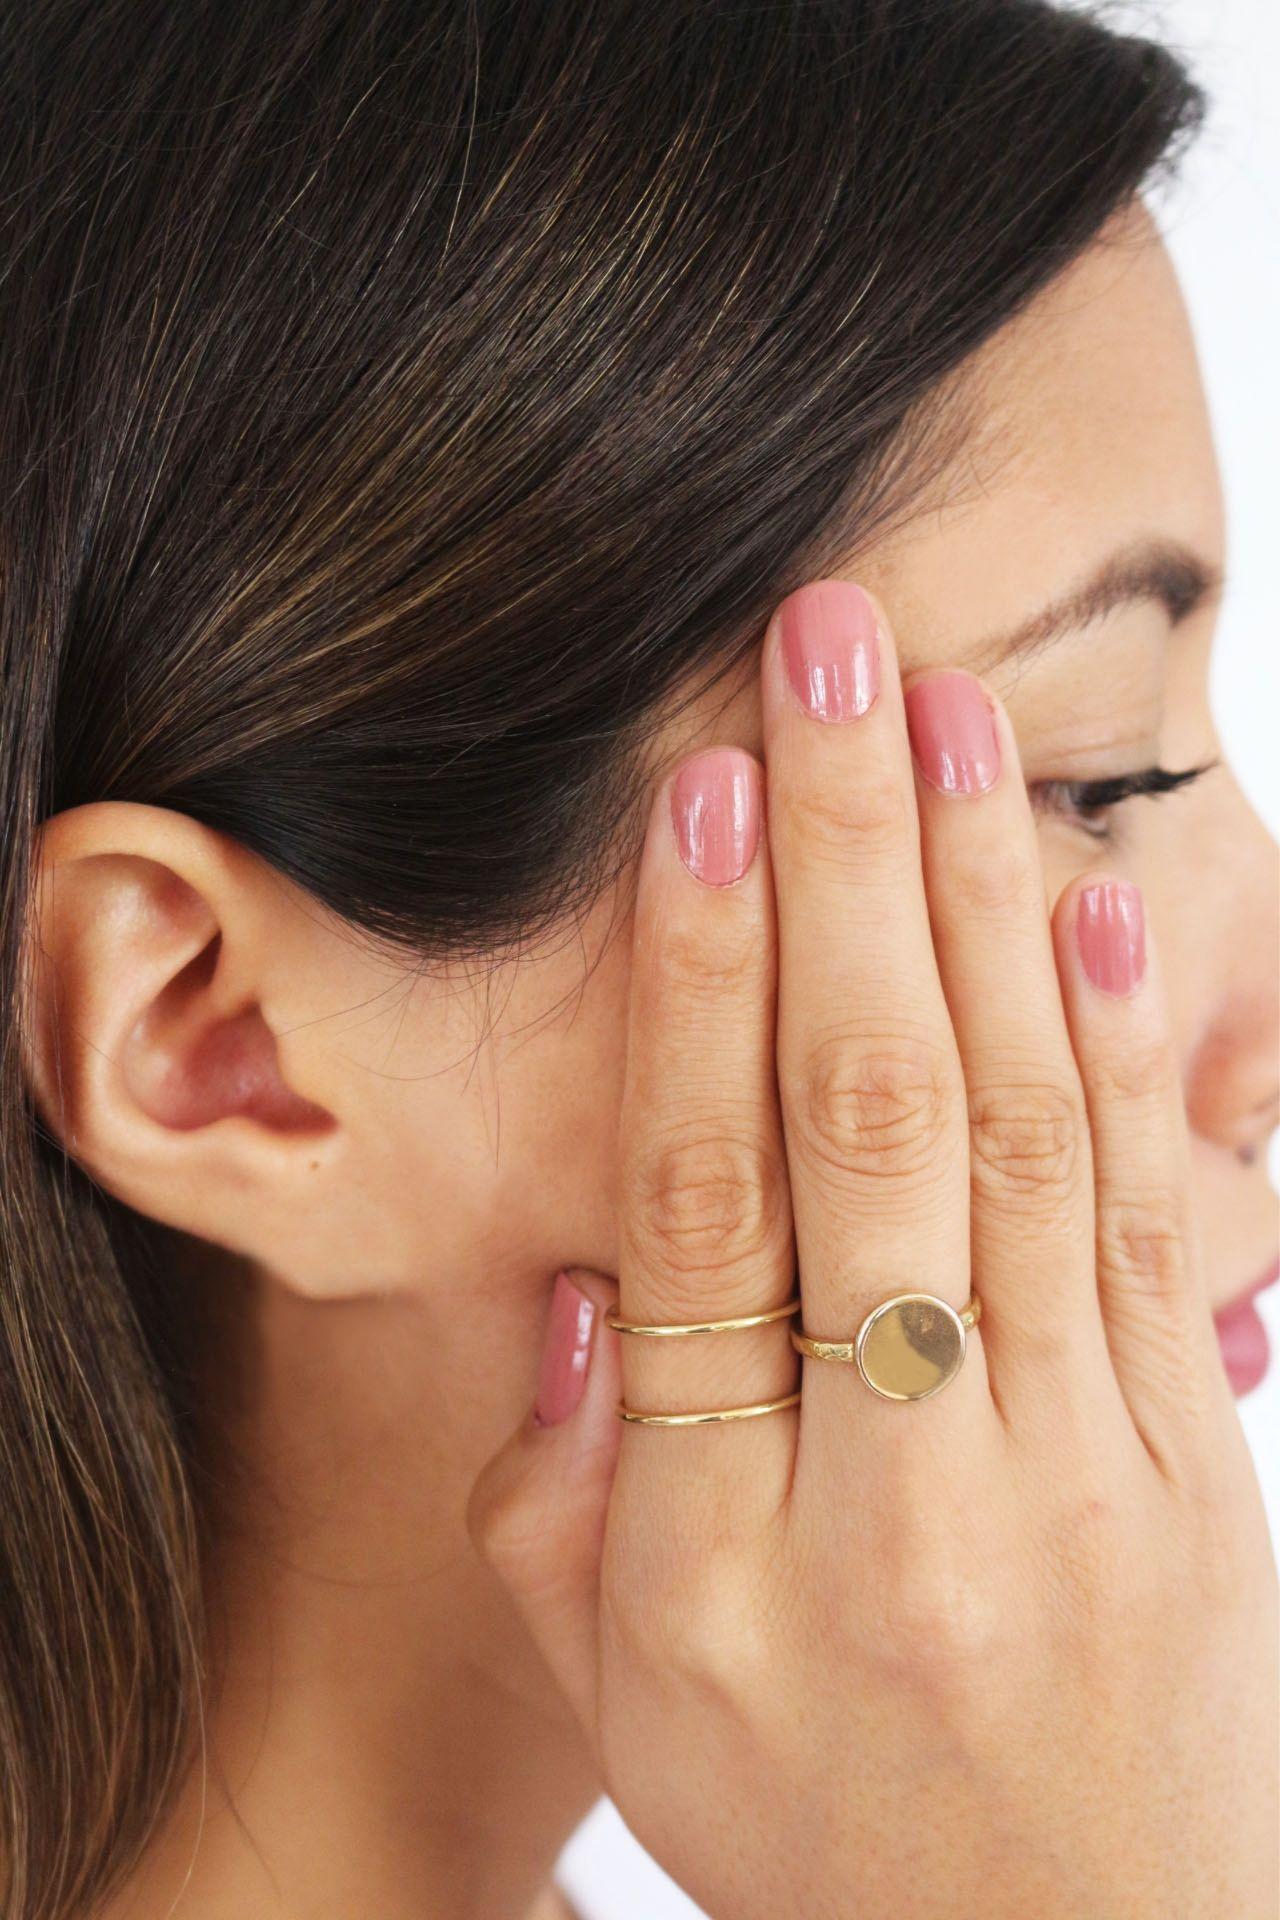 Anillo grueso con circulo plano en el frente, con detalles  alrededor del aro.  Hecho a mano con plata peruana de ley (925). Baño de minimicra hipoalrgénica de oro italiano de 18K.